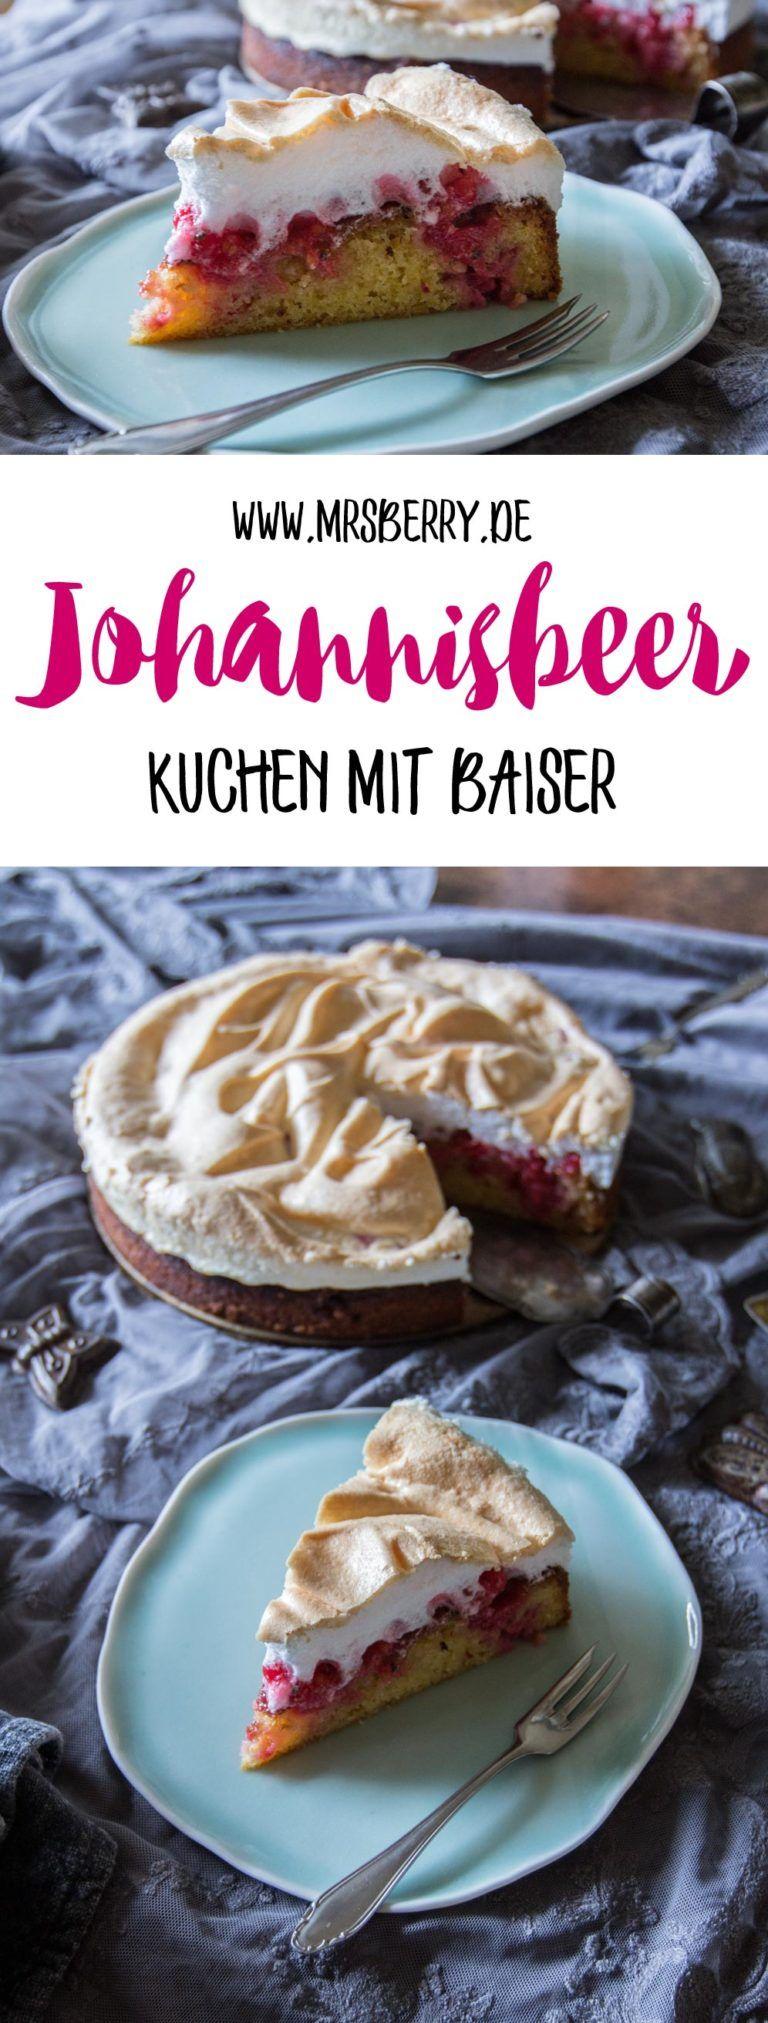 Rezept für Johannisbeerkuchen mit Baiser | MrsBerry Familien-Reiseblog | Über das Leben und Reisen mit Kind